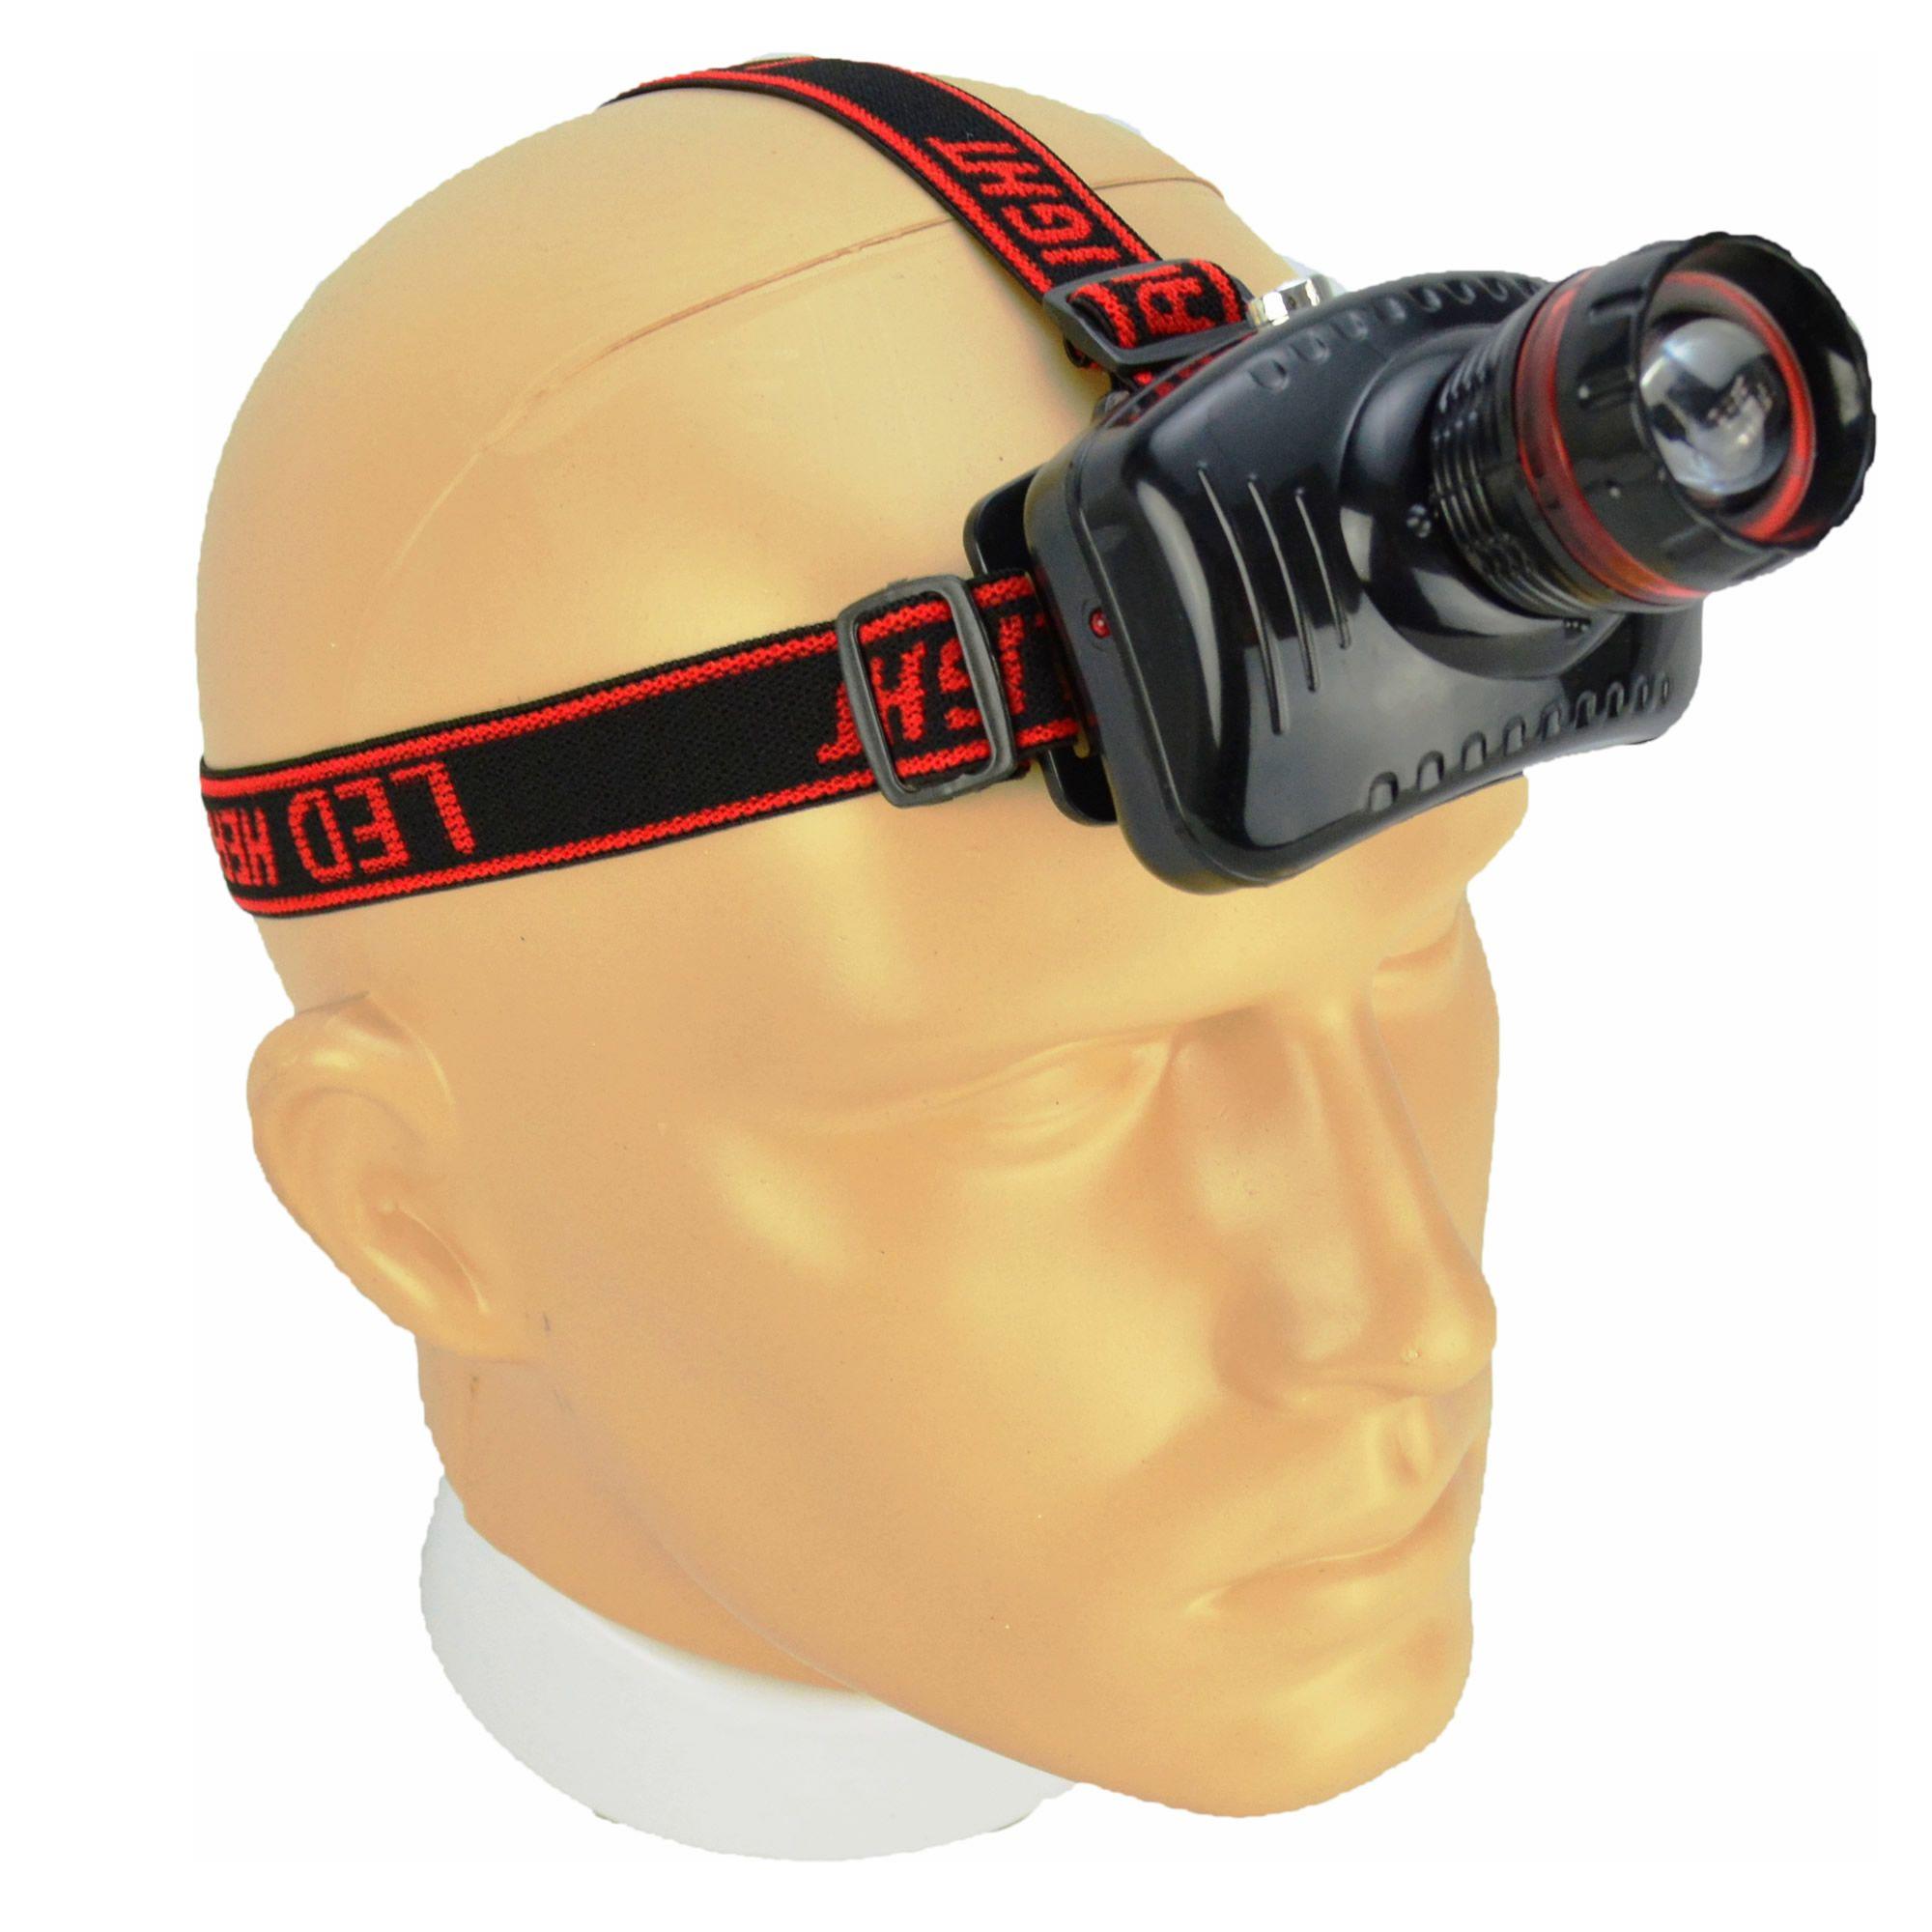 Lanterna de Cabeça Recarregável Foco Ajustável CBRN11636